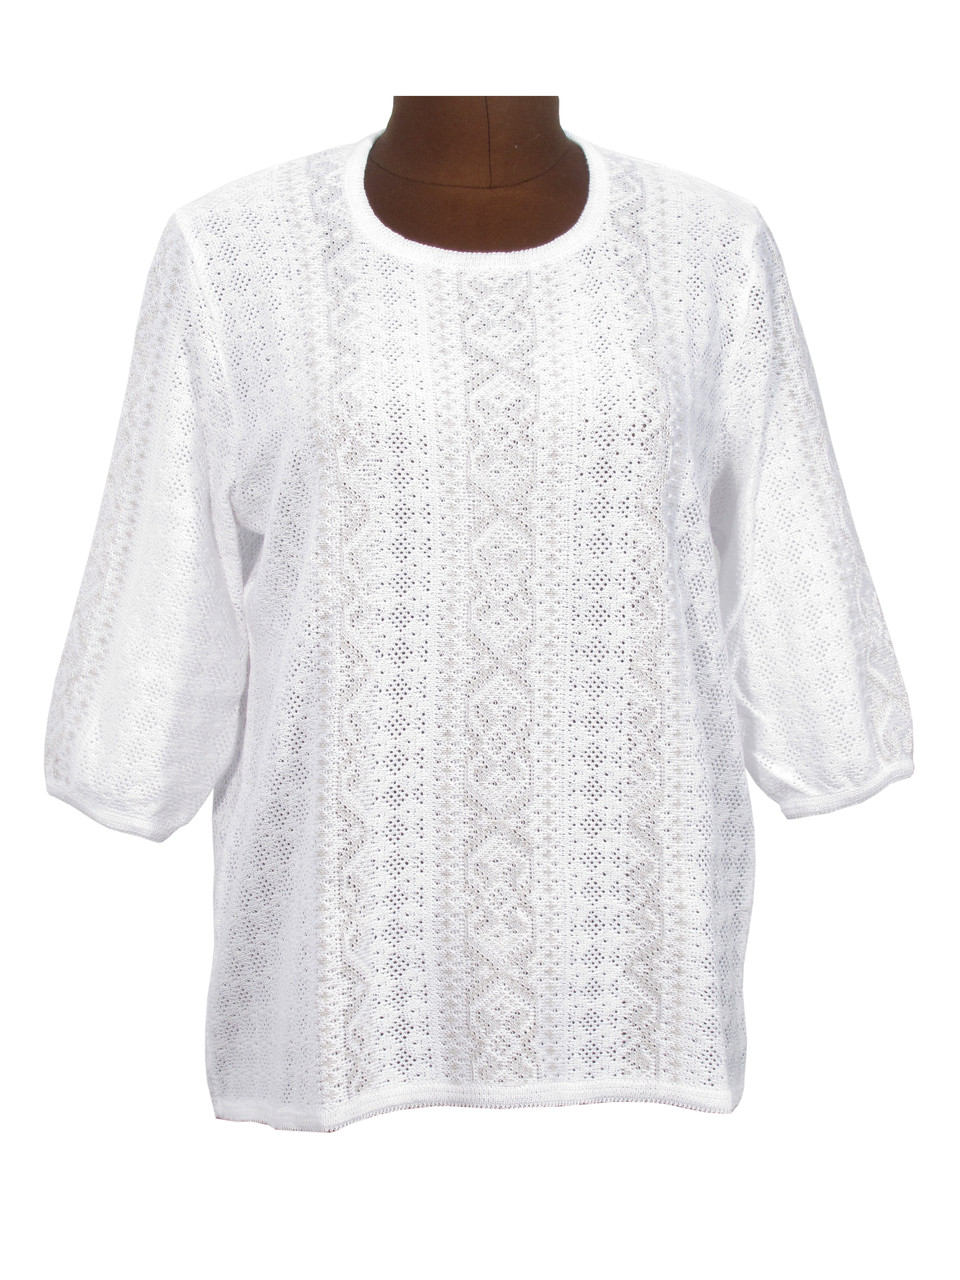 Женская рубашка вязаная 0350 (3/4 рукав)